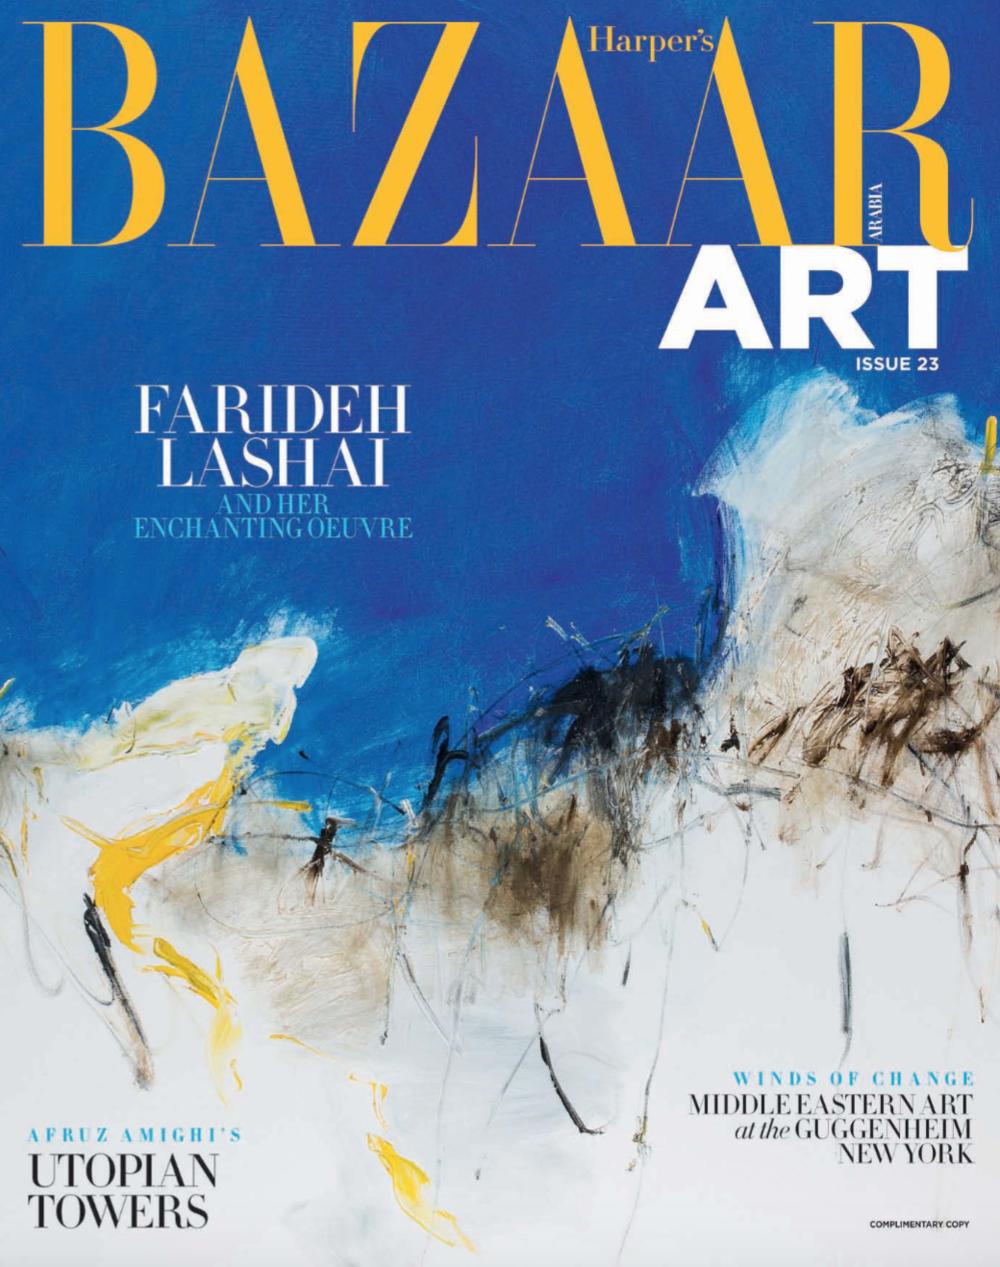 Harper's Bazaar Art Arabia